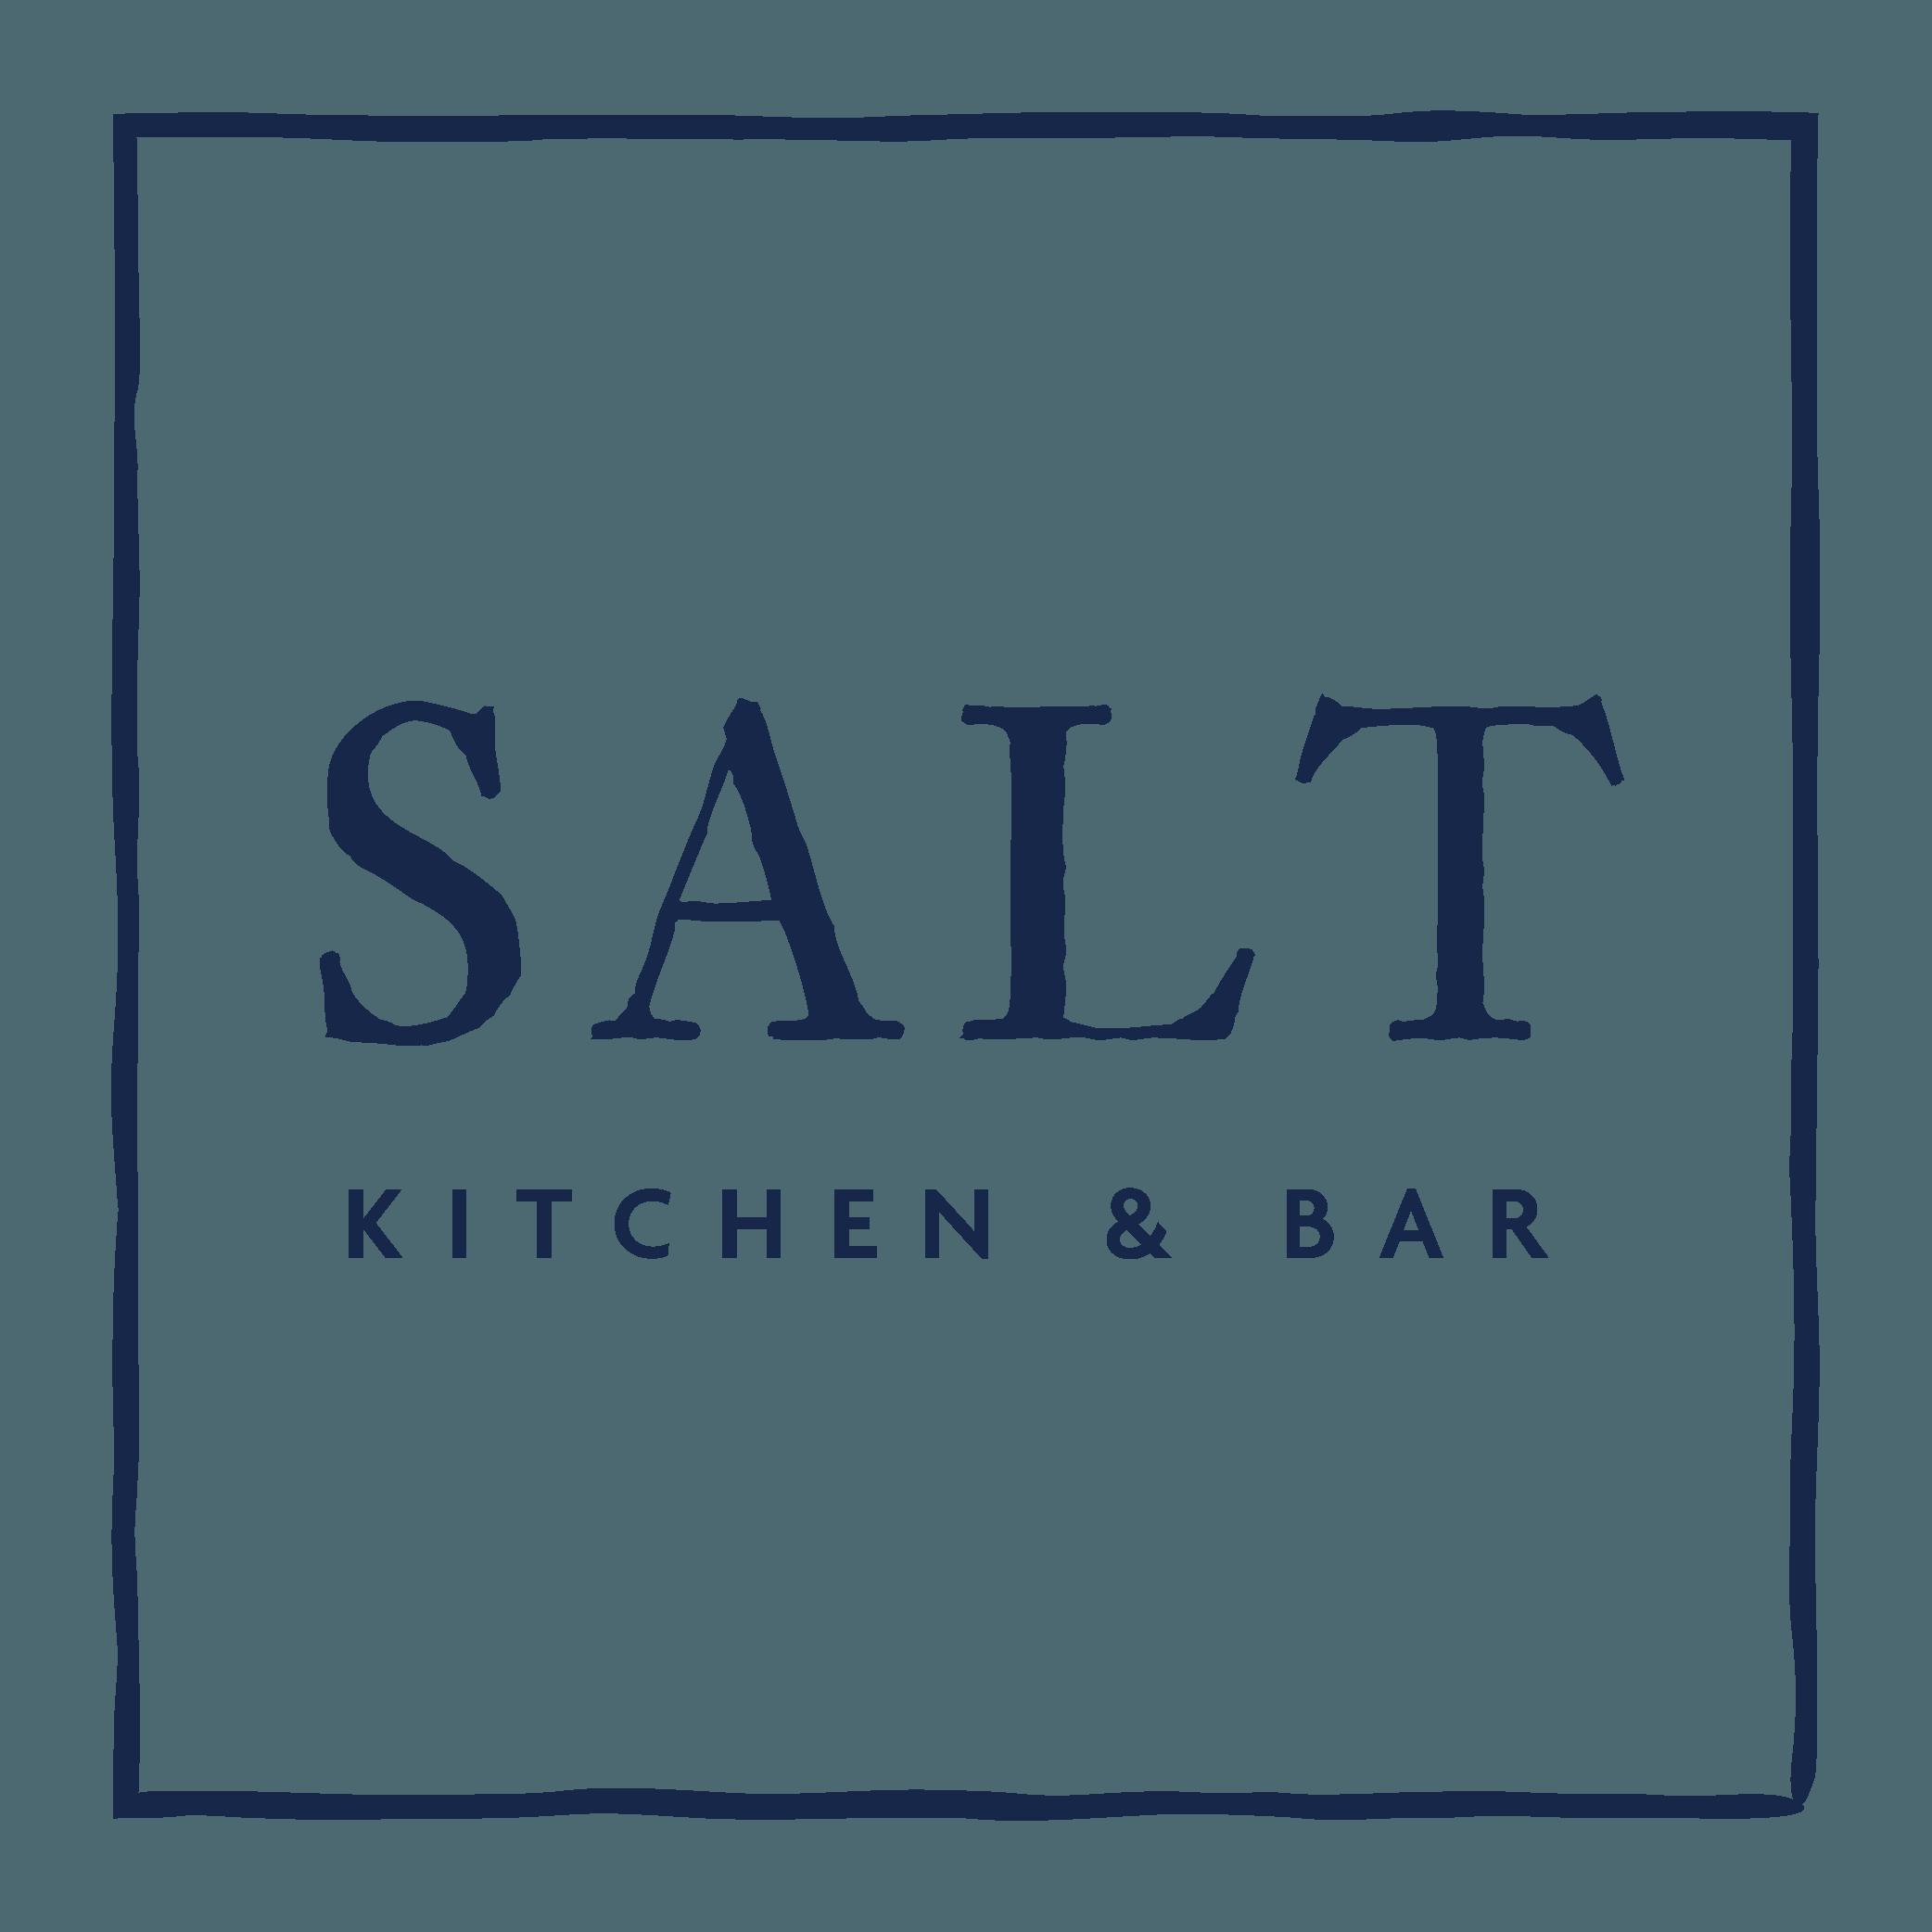 Salt Kitchen & Bar